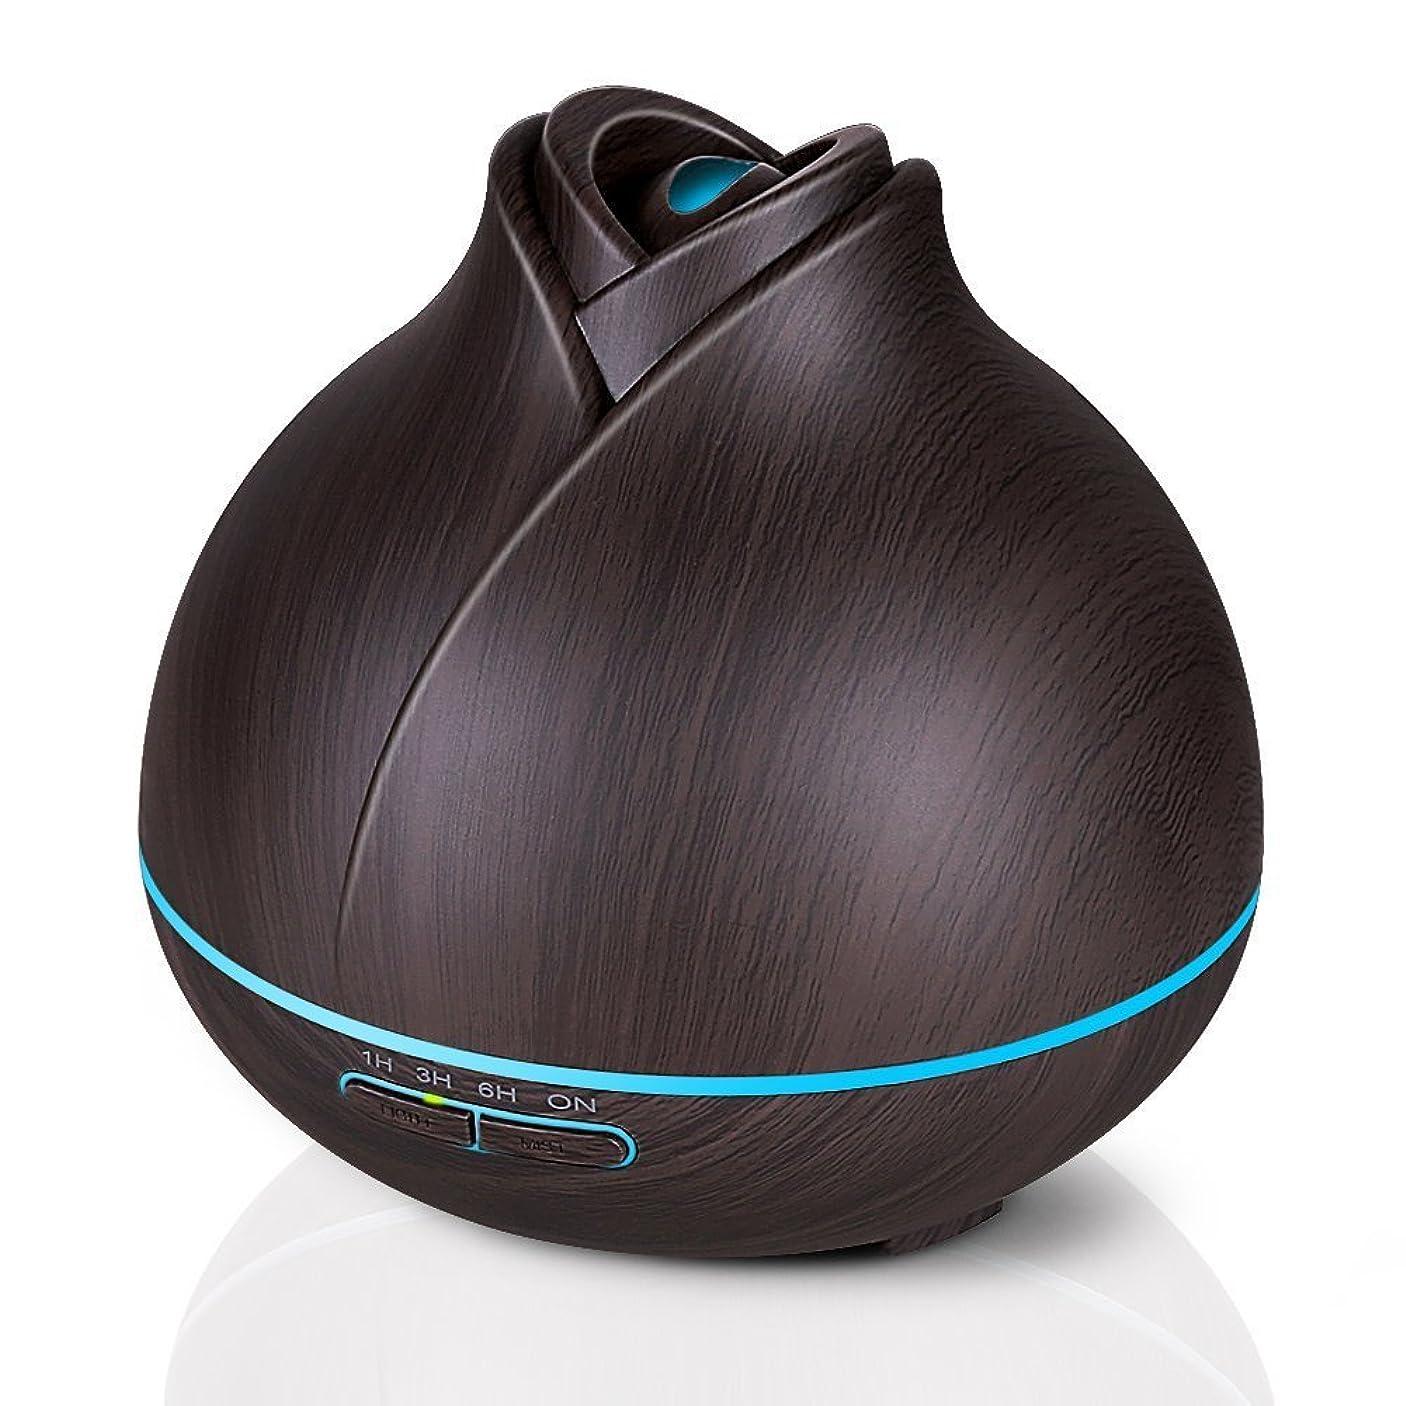 独占スペクトラム機知に富んだエッセンシャルオイルディフューザー、400ミリリットル電気超音波クールミスト加湿器アロマディフューザー、7色LEDライト付き空気清浄機